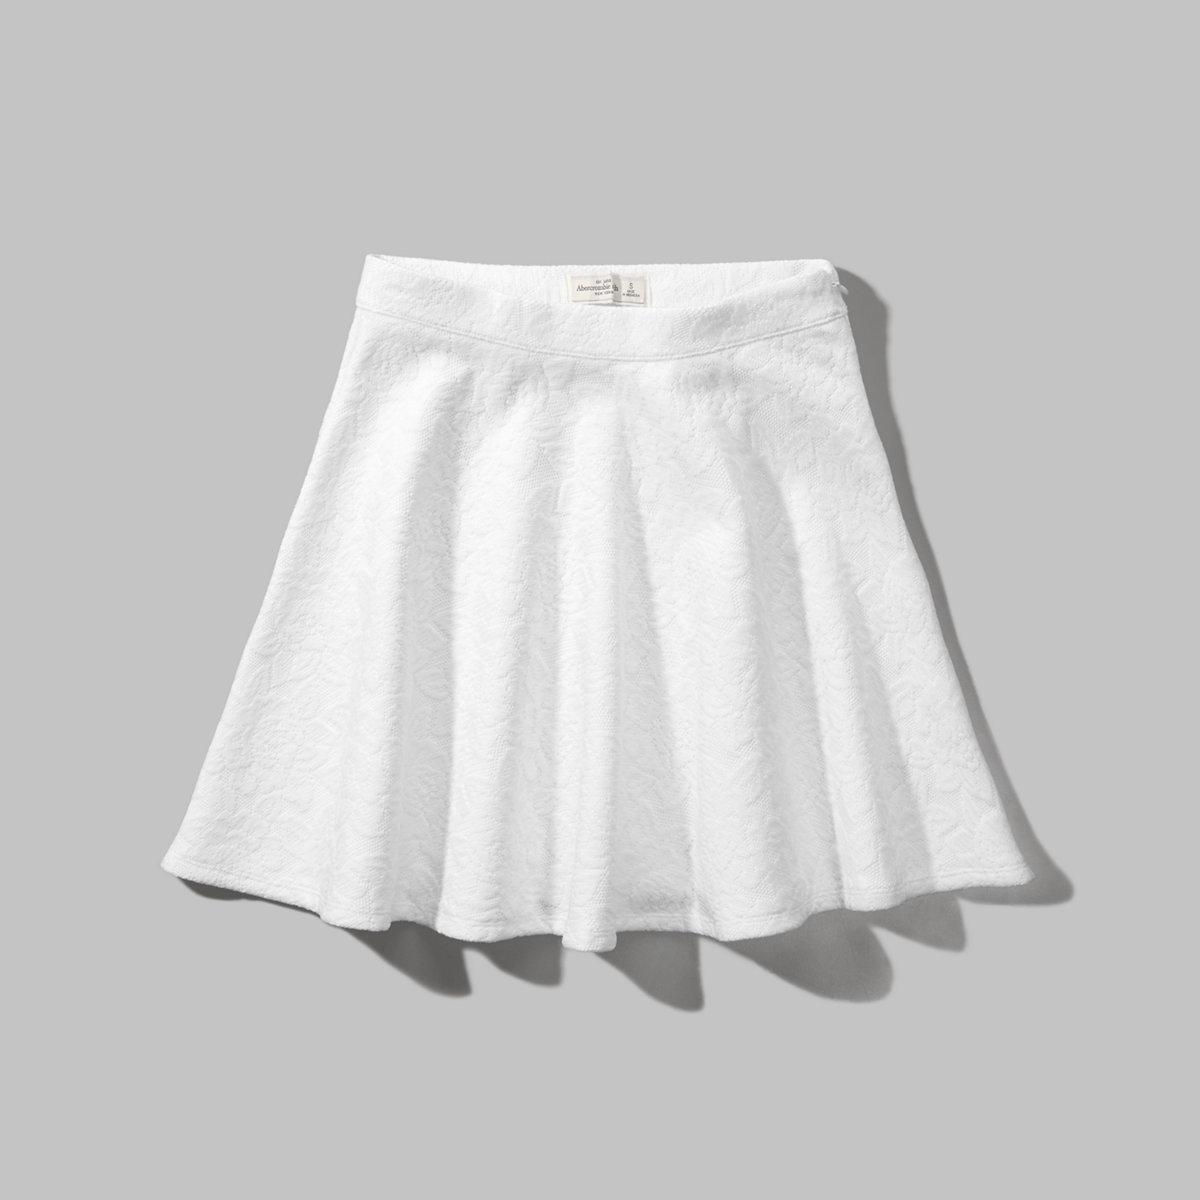 Lace Skater Skirt